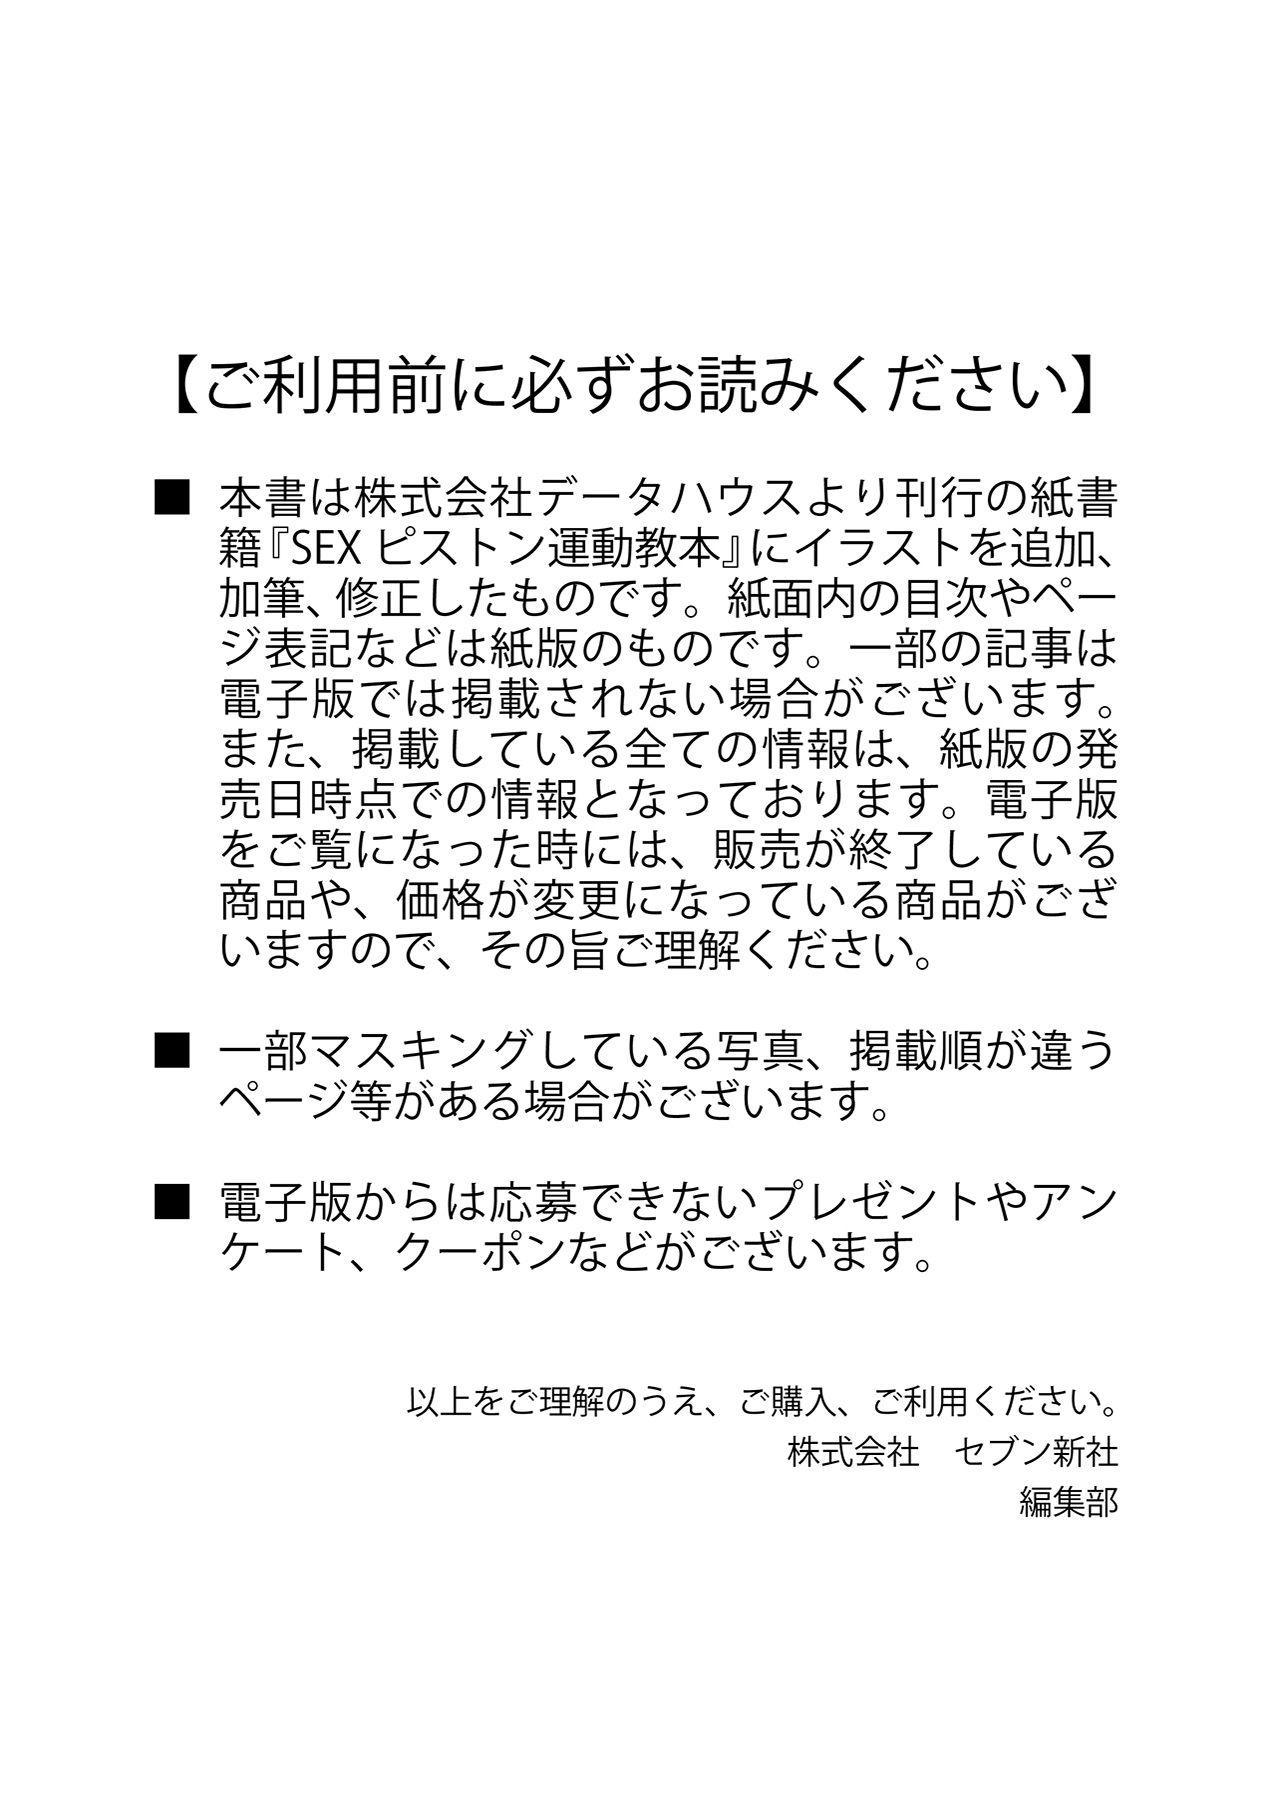 膣挿入&ピストン運動完全マニュアル イラスト版……ピスとんッ! 1